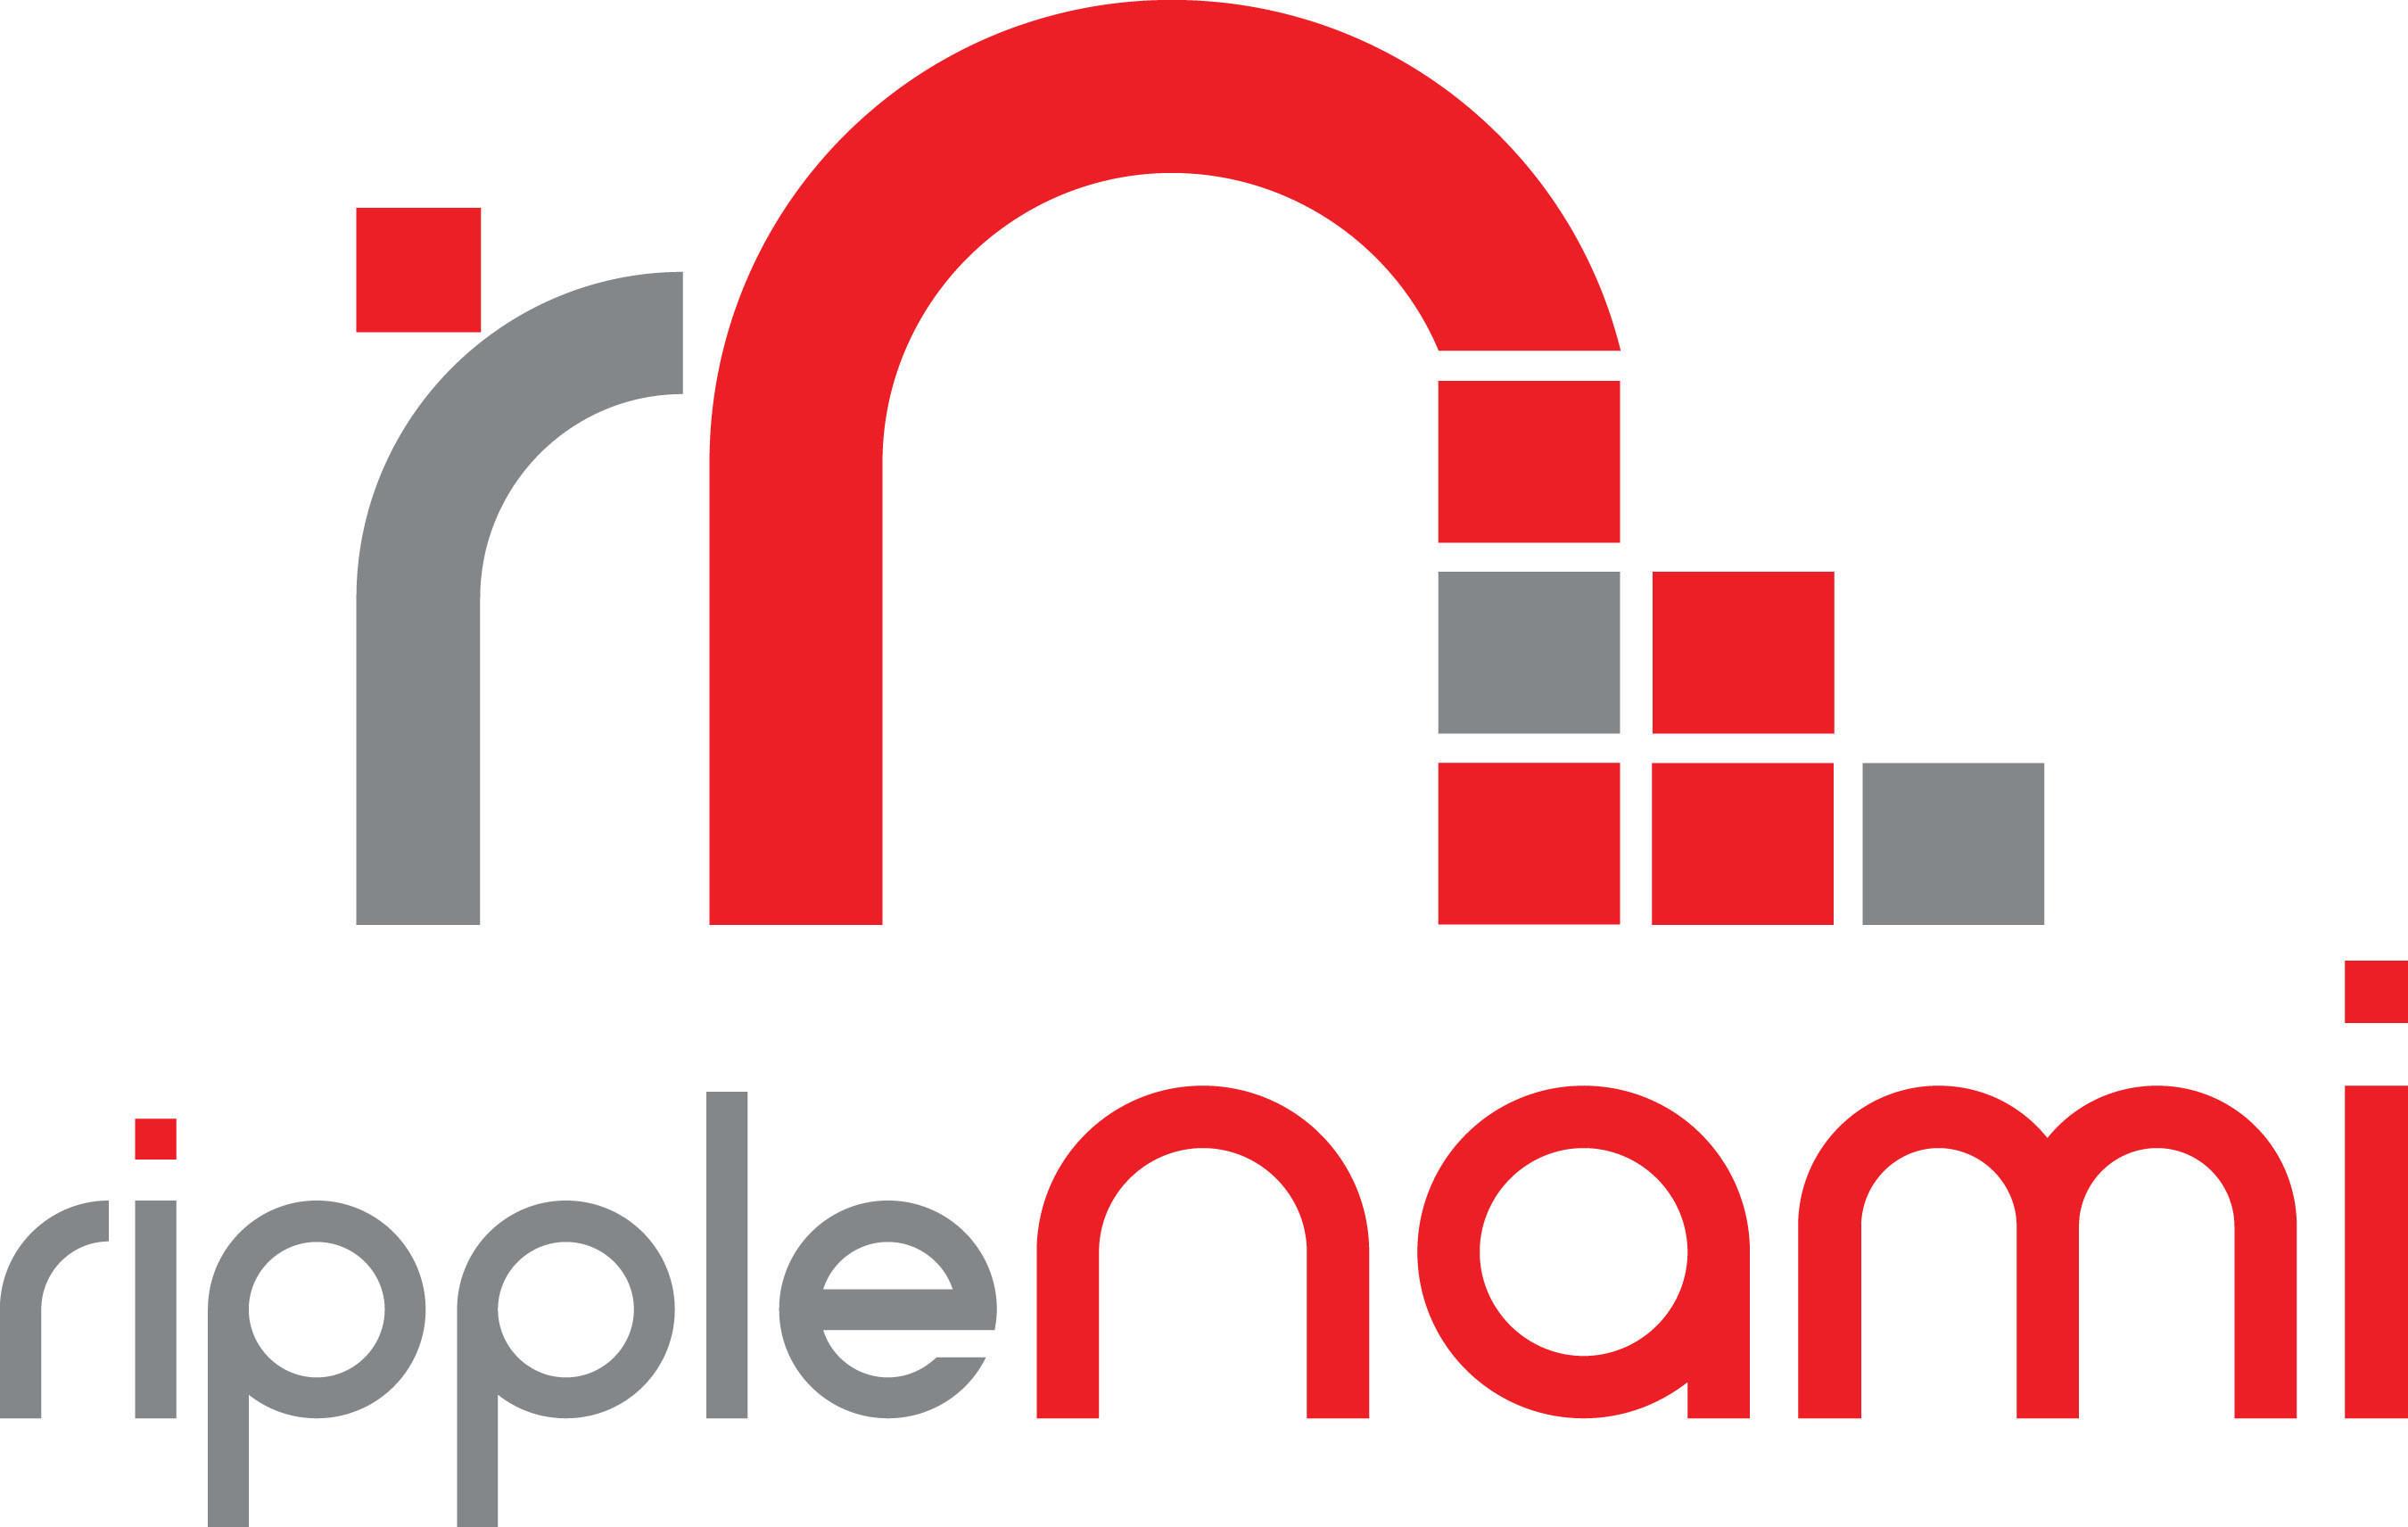 RippleNami Logo